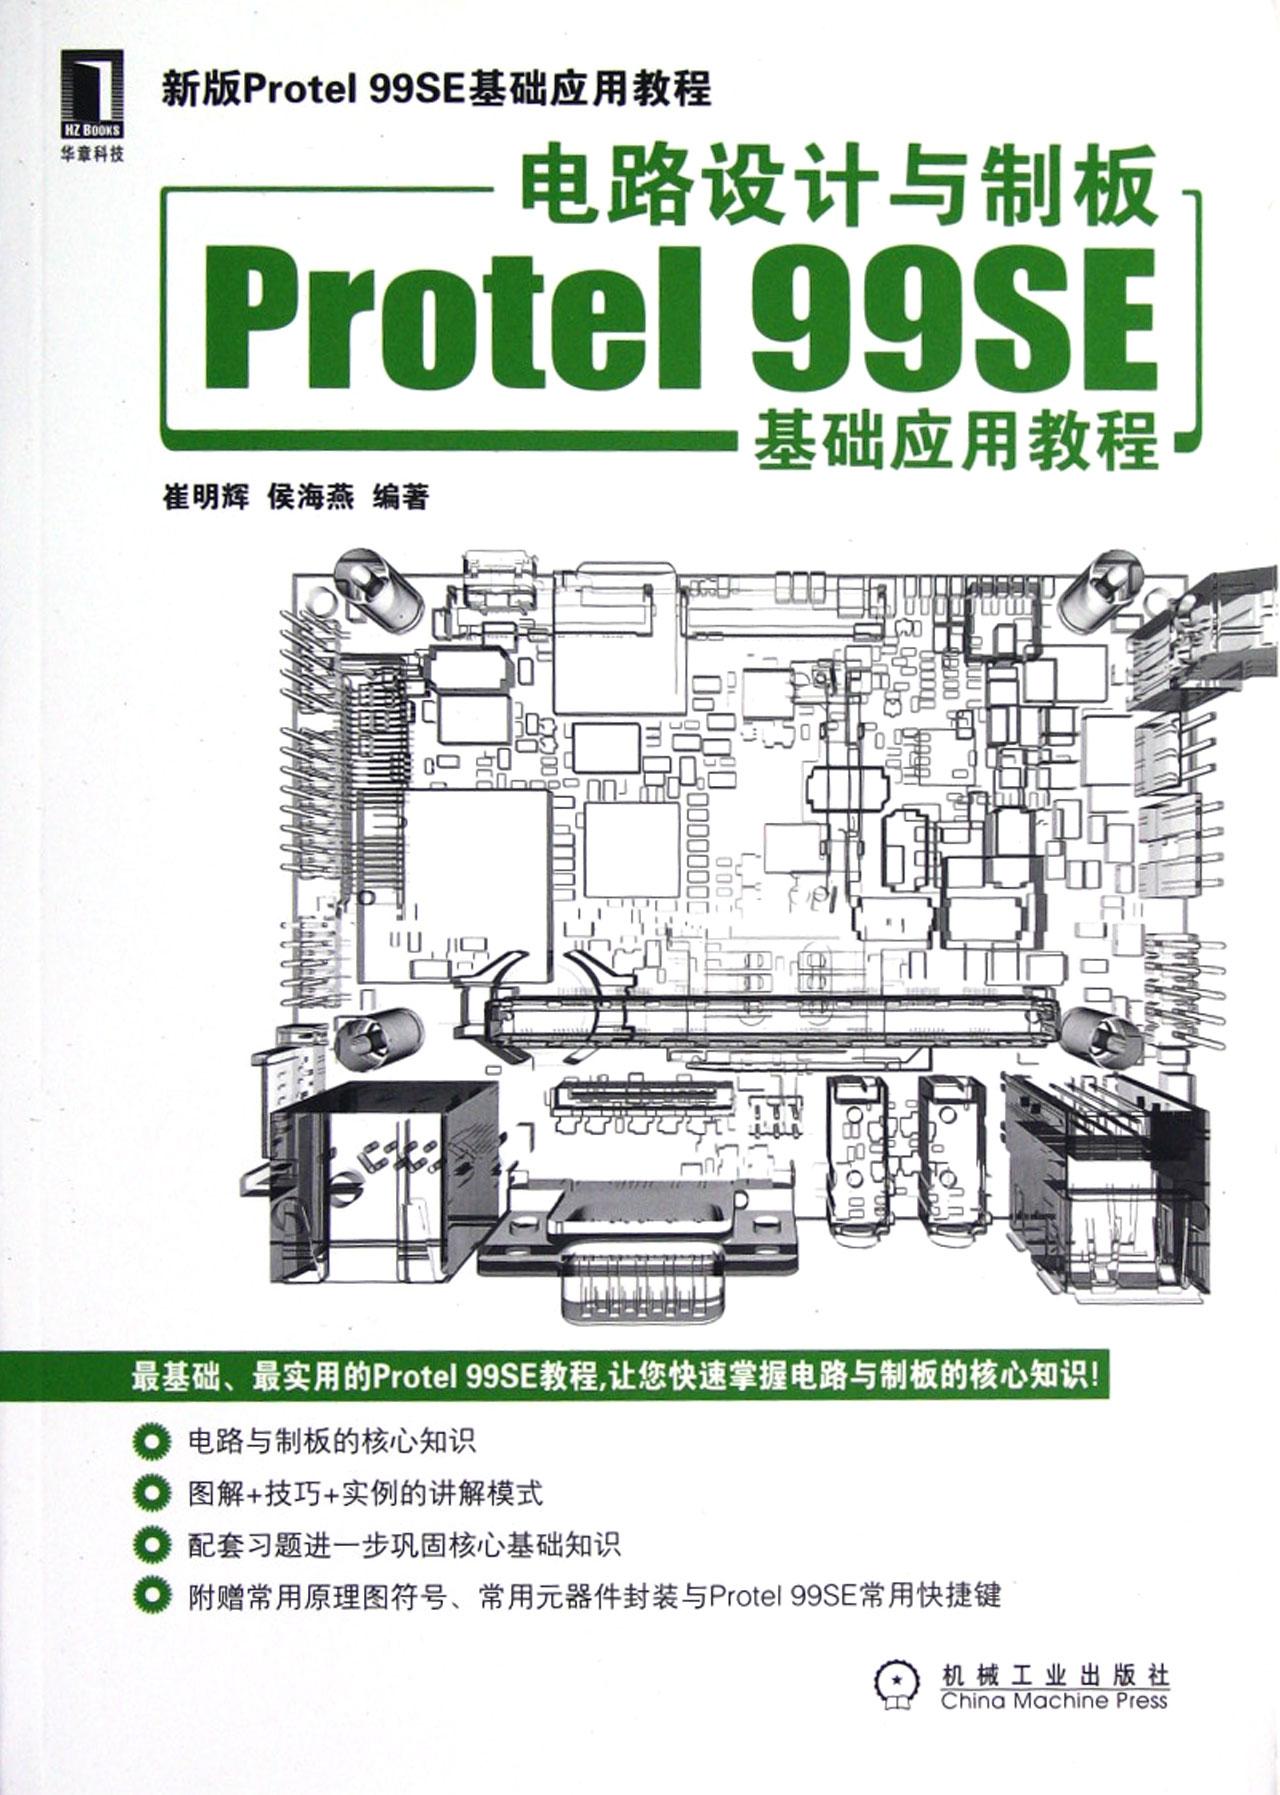 电路设计与制板protel99se基础应用教程(新版protel)